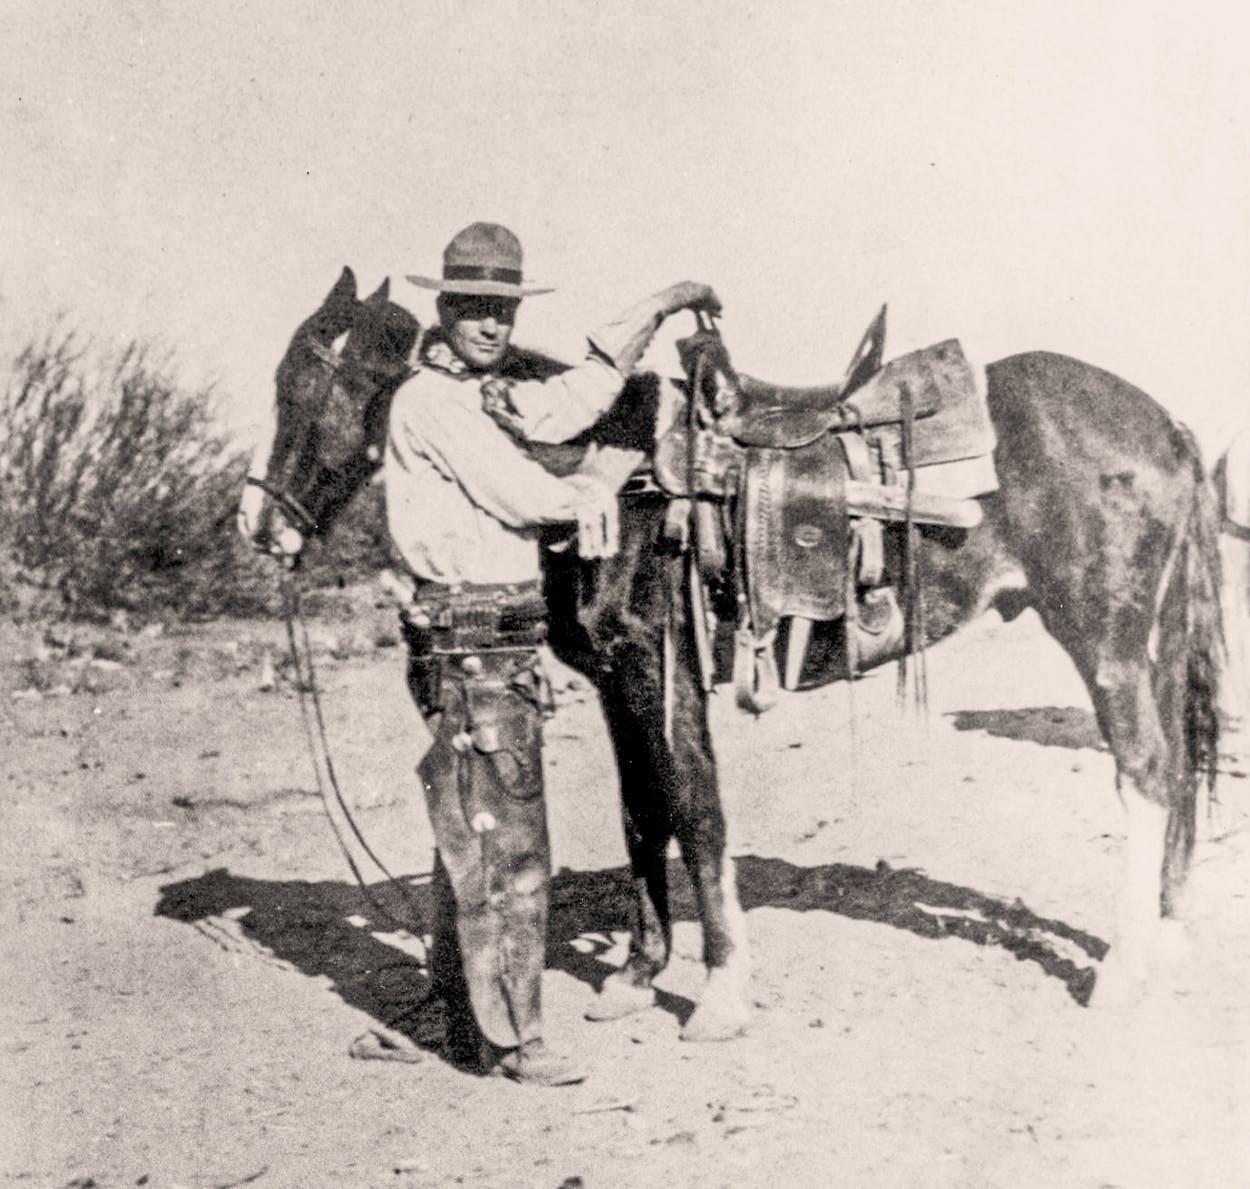 A Presidio County cowboy, circa 1900.